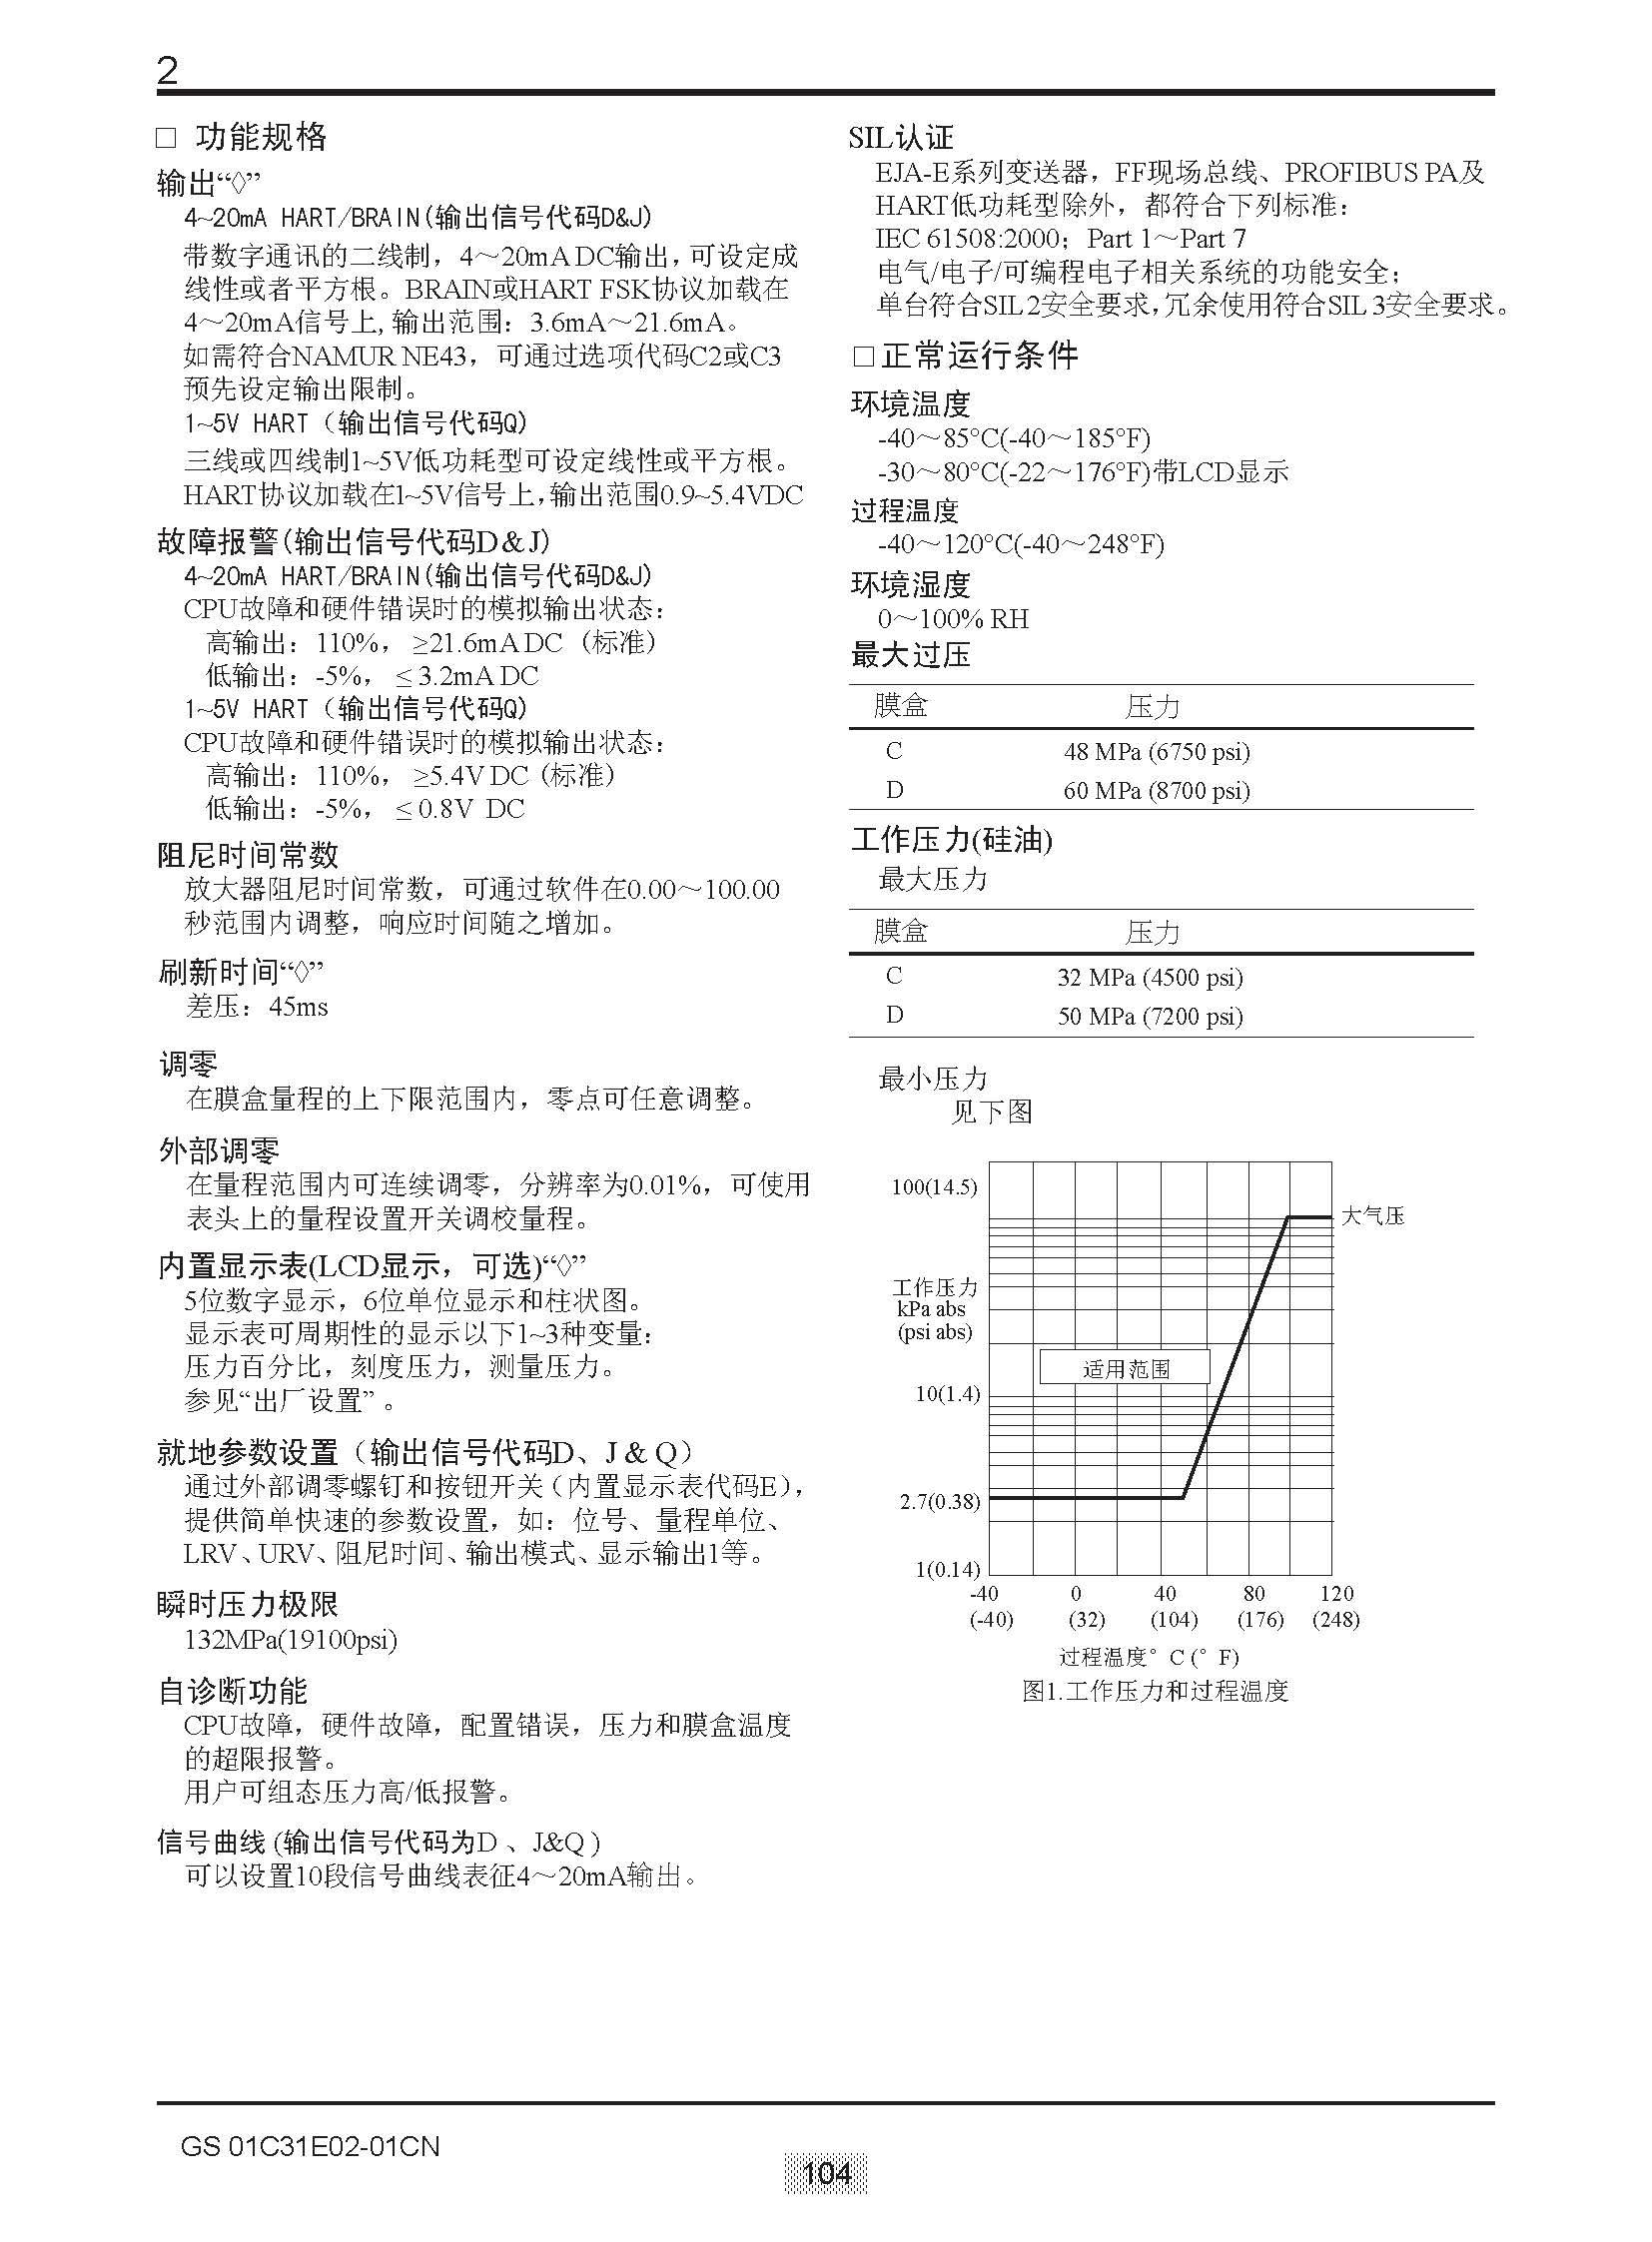 EJA E选型样本20151207_页面_110.jpg